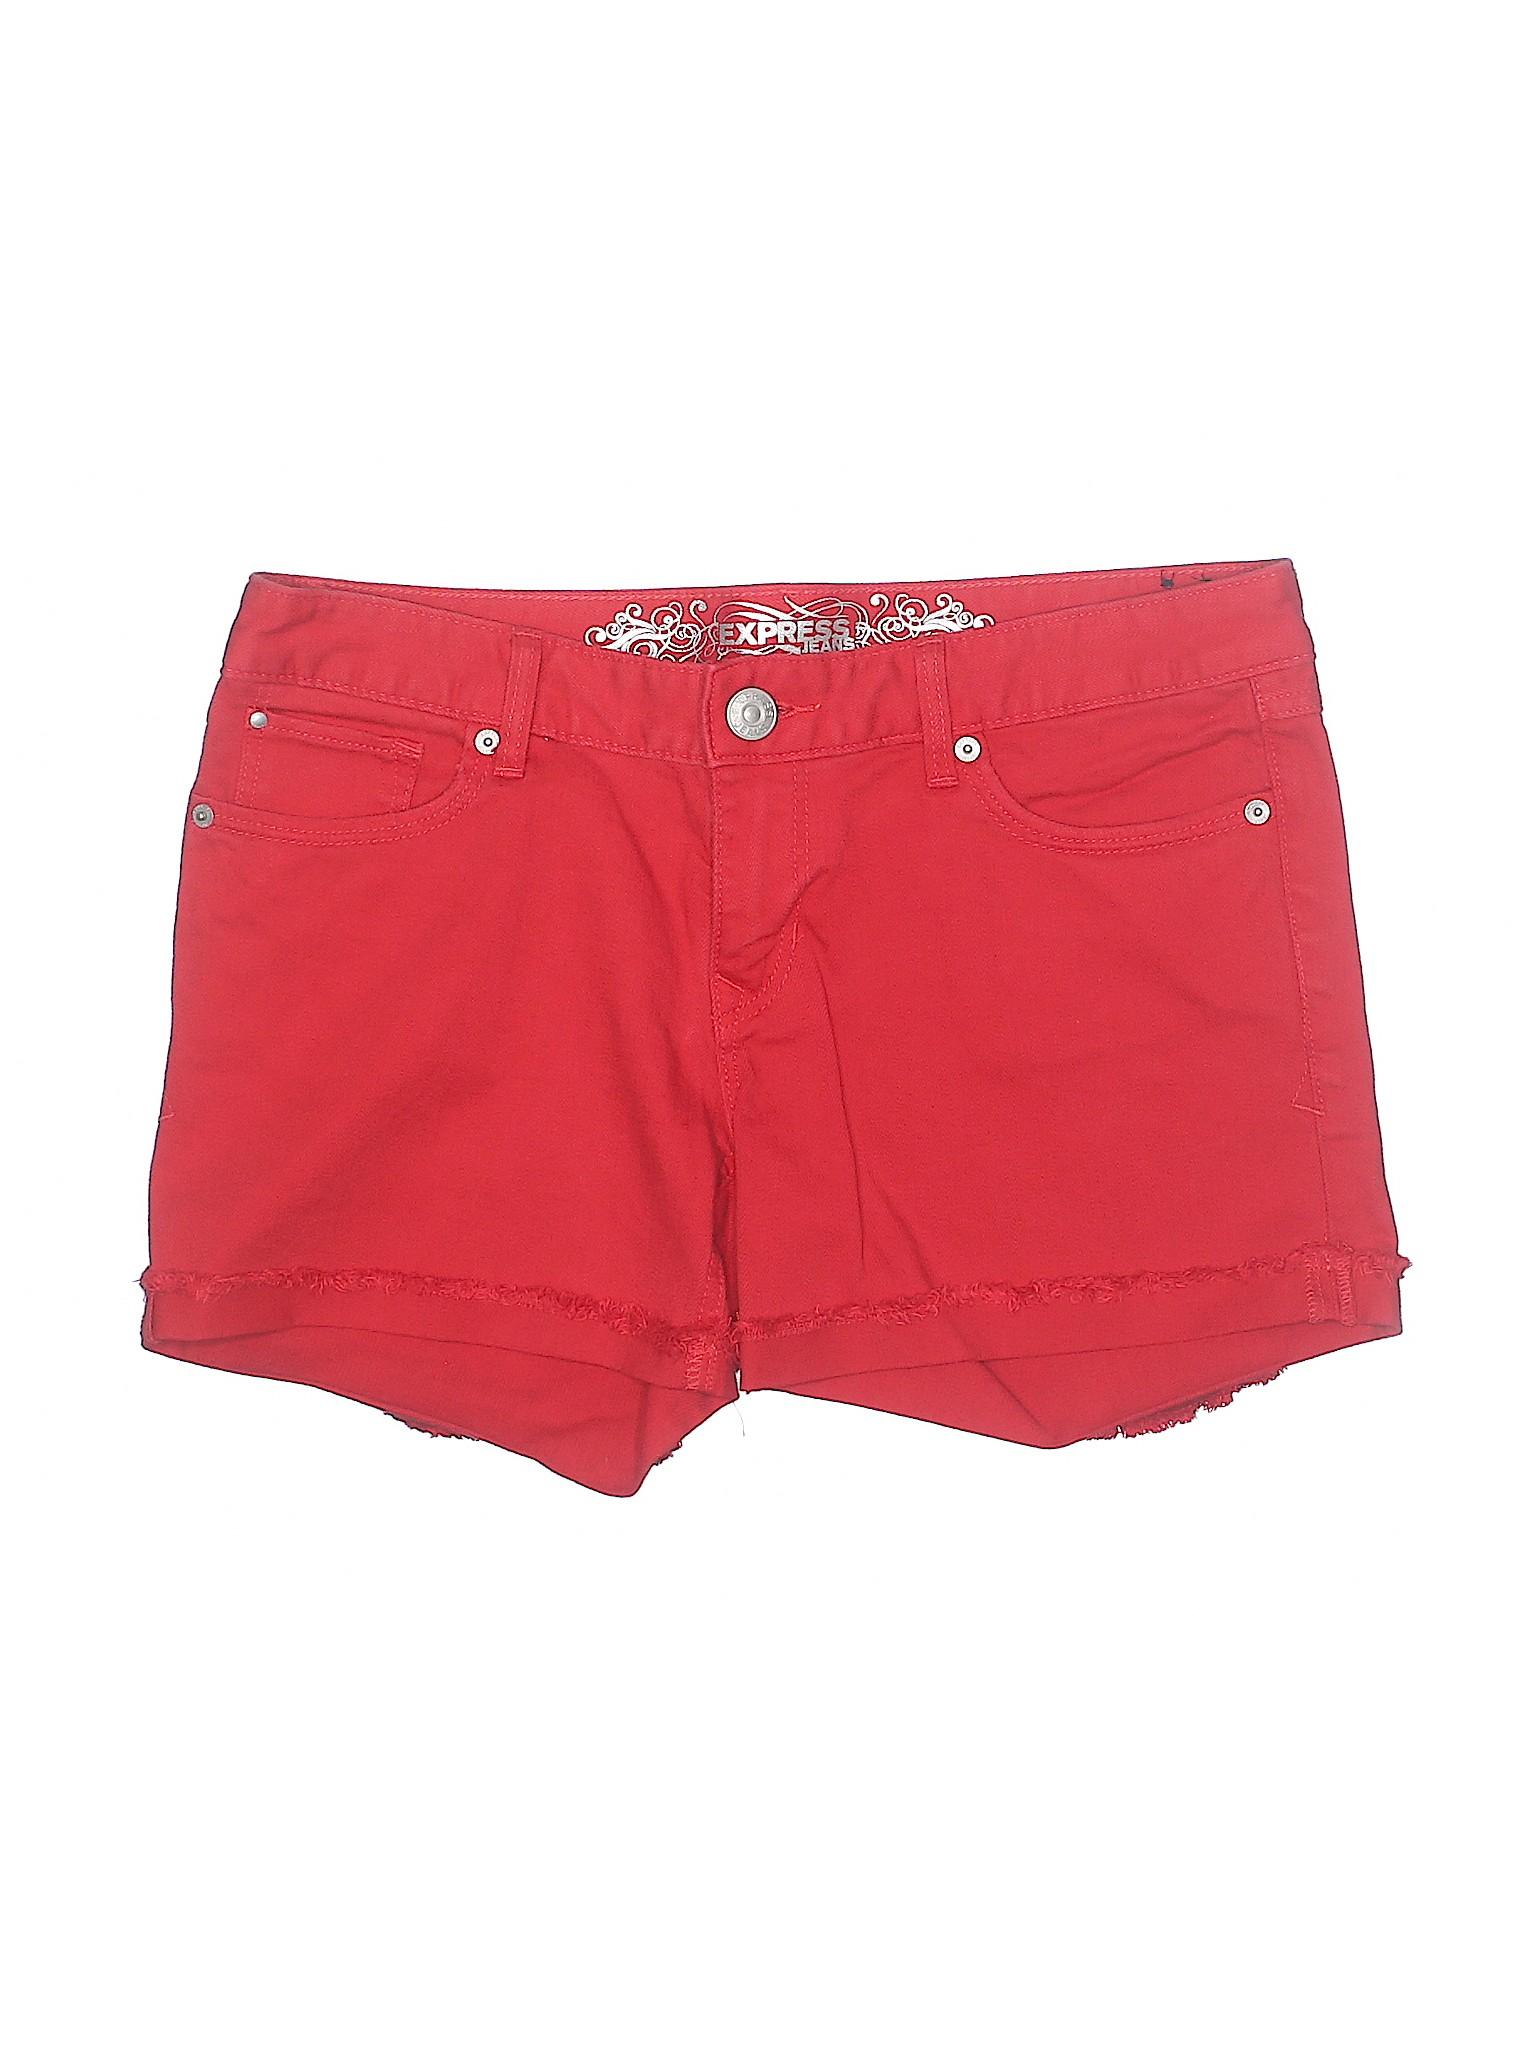 Express Denim Shorts Boutique Shorts Boutique Denim Boutique Express ndxnEp